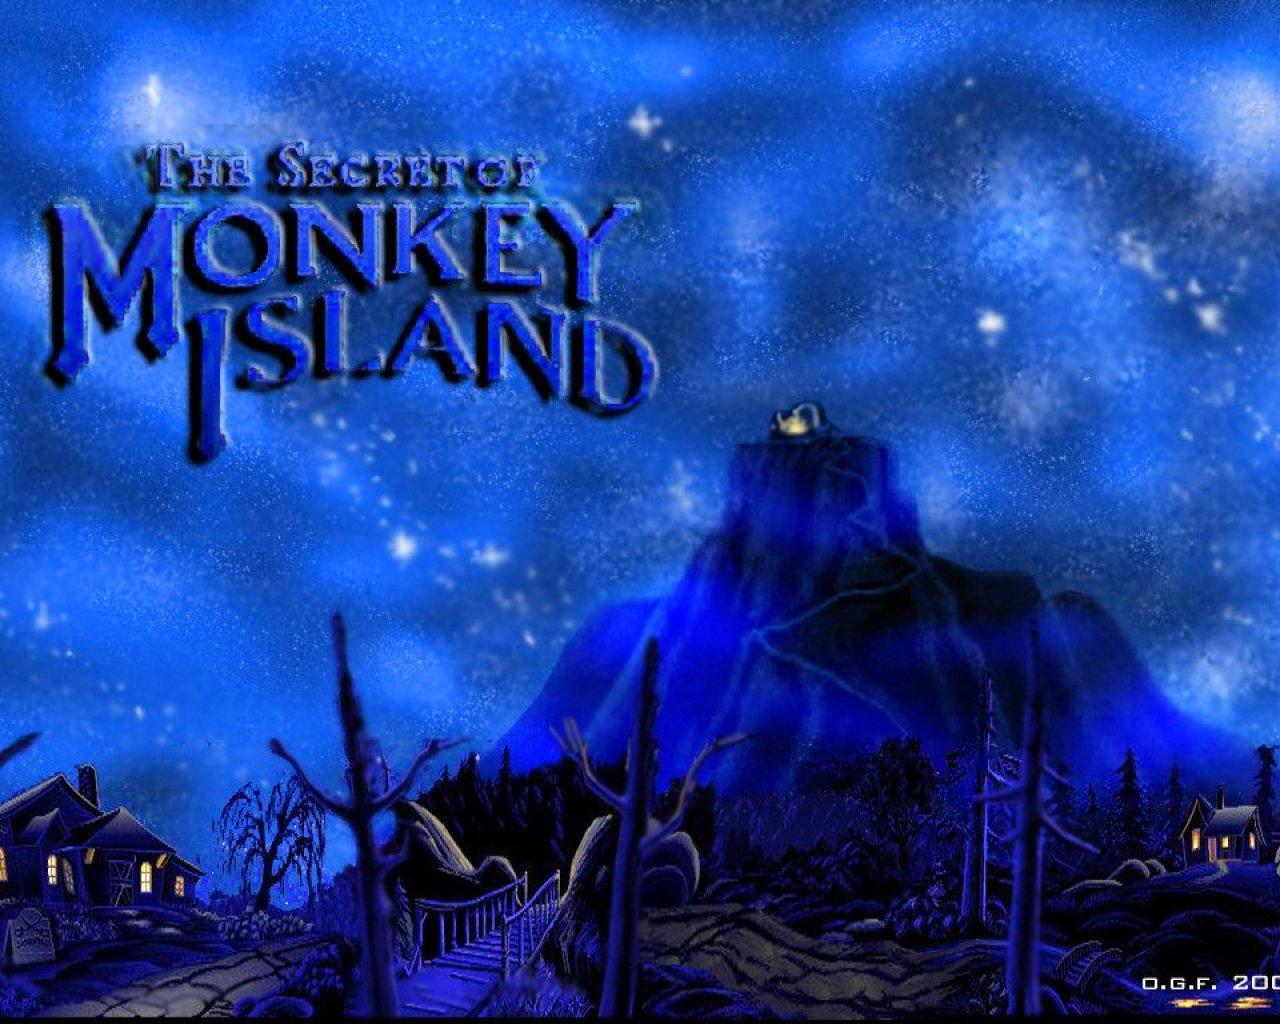 Monkey Island Wallpaper